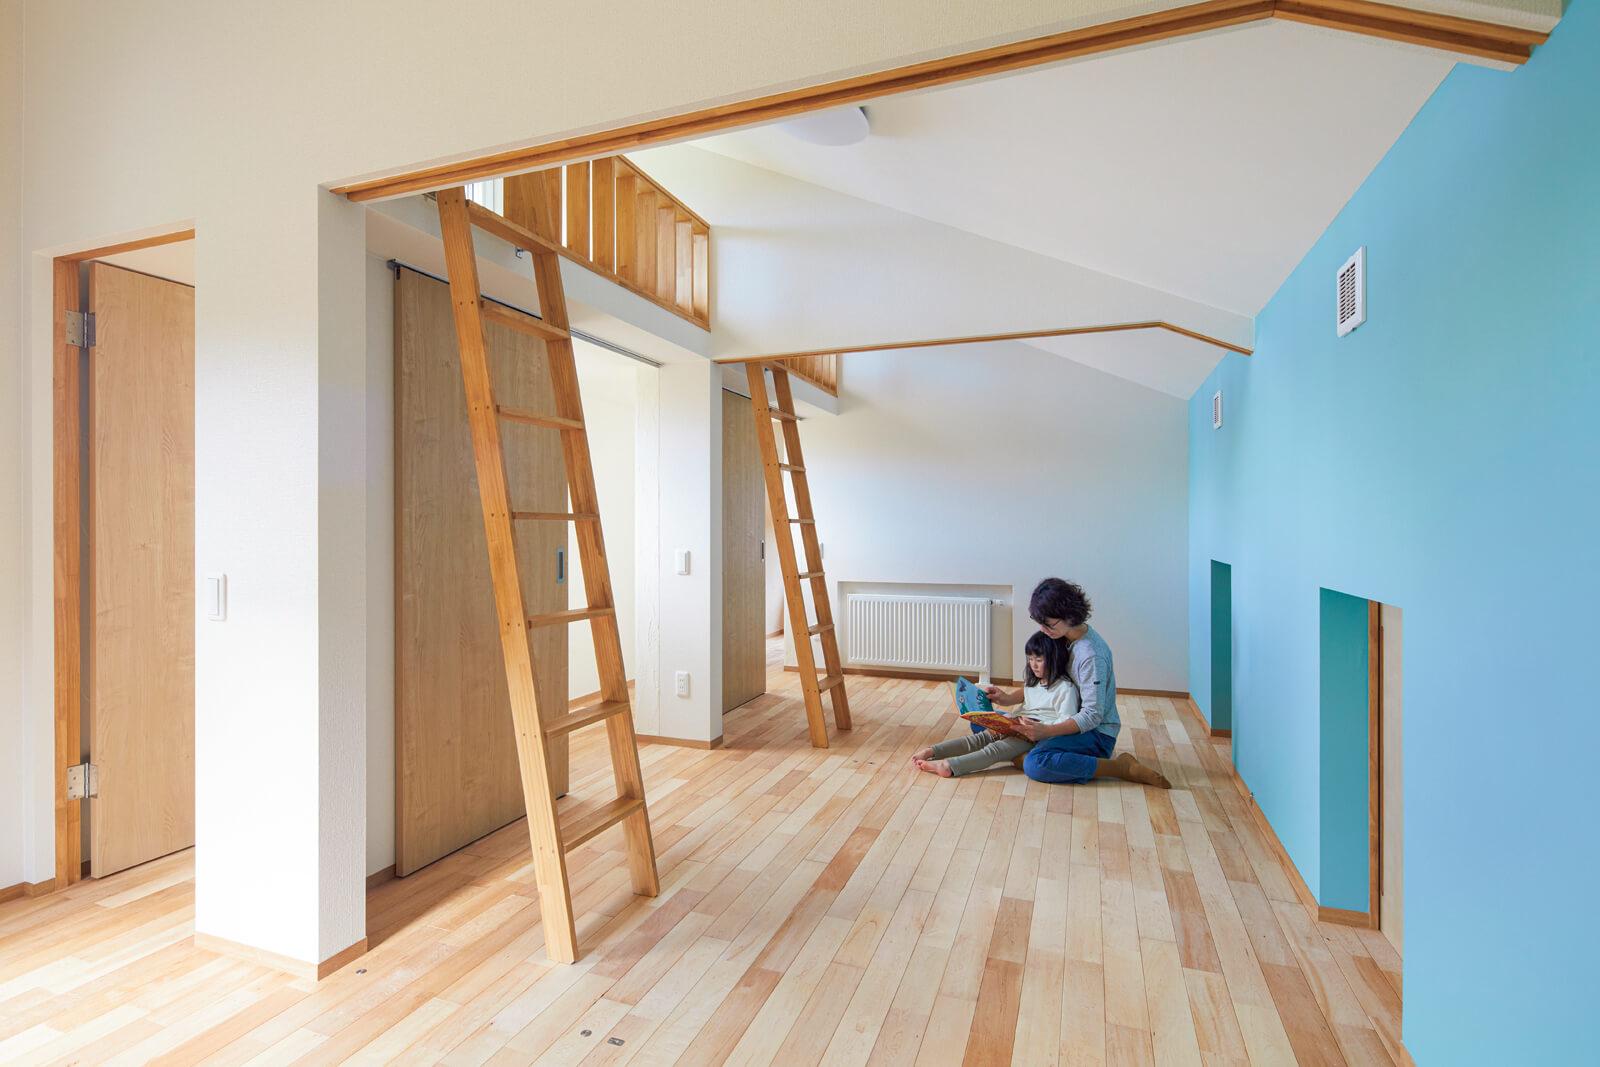 ロフトベッドを備えたオープンな子ども部屋。子どもの成長に合わせて、造作建具で3室に分けられる